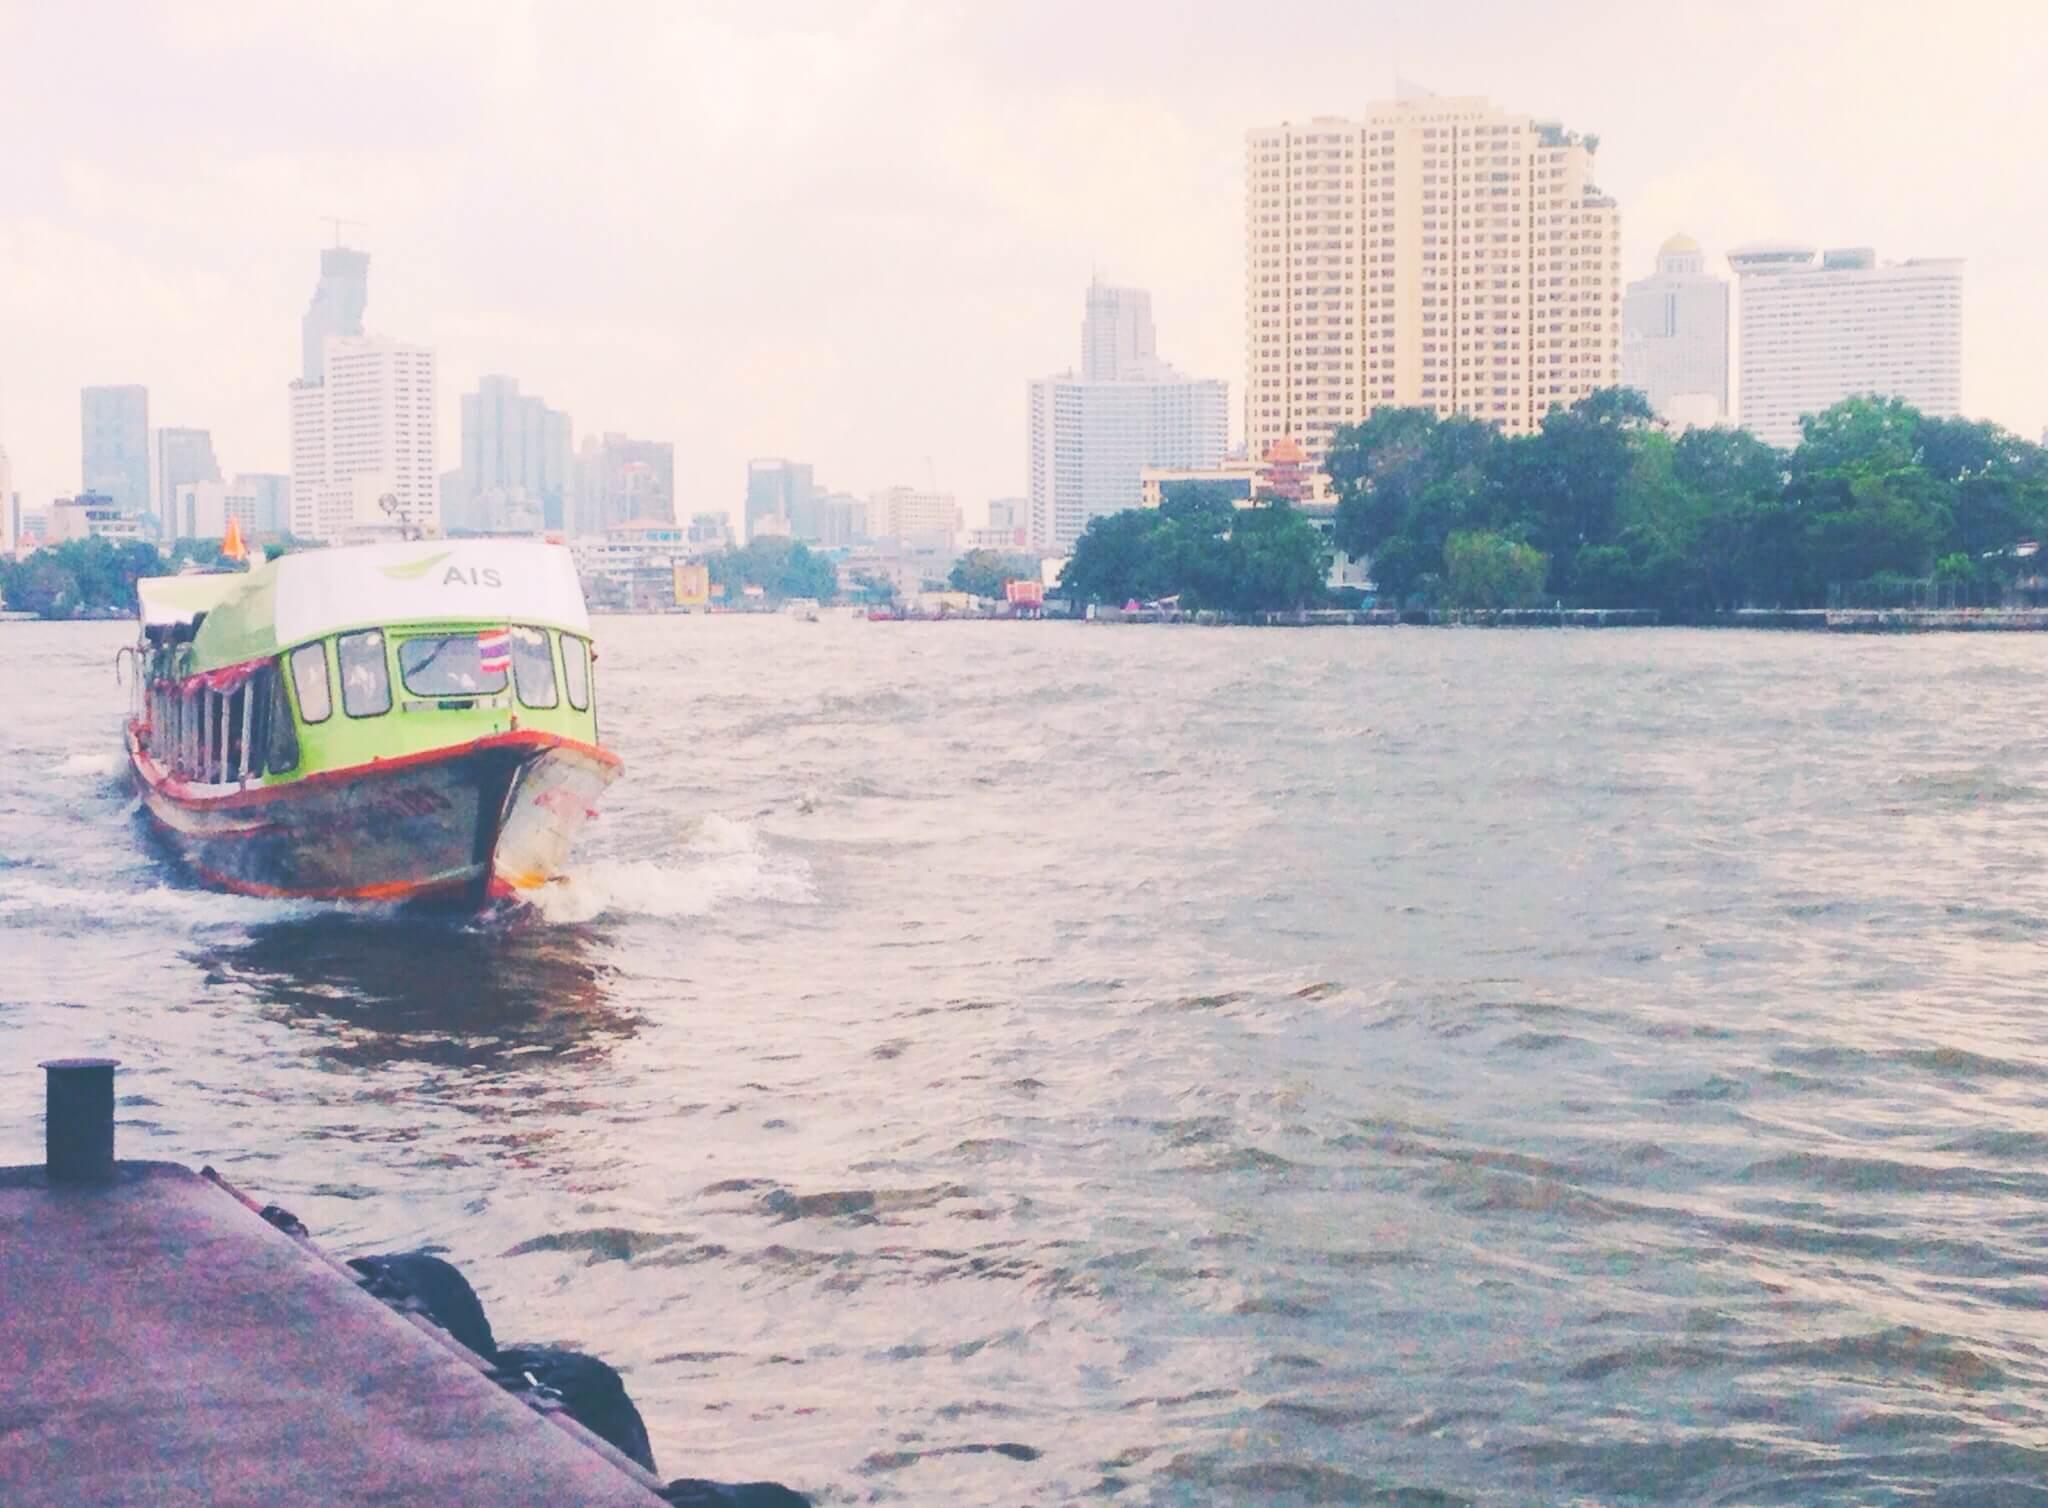 Bangkok at a Glance